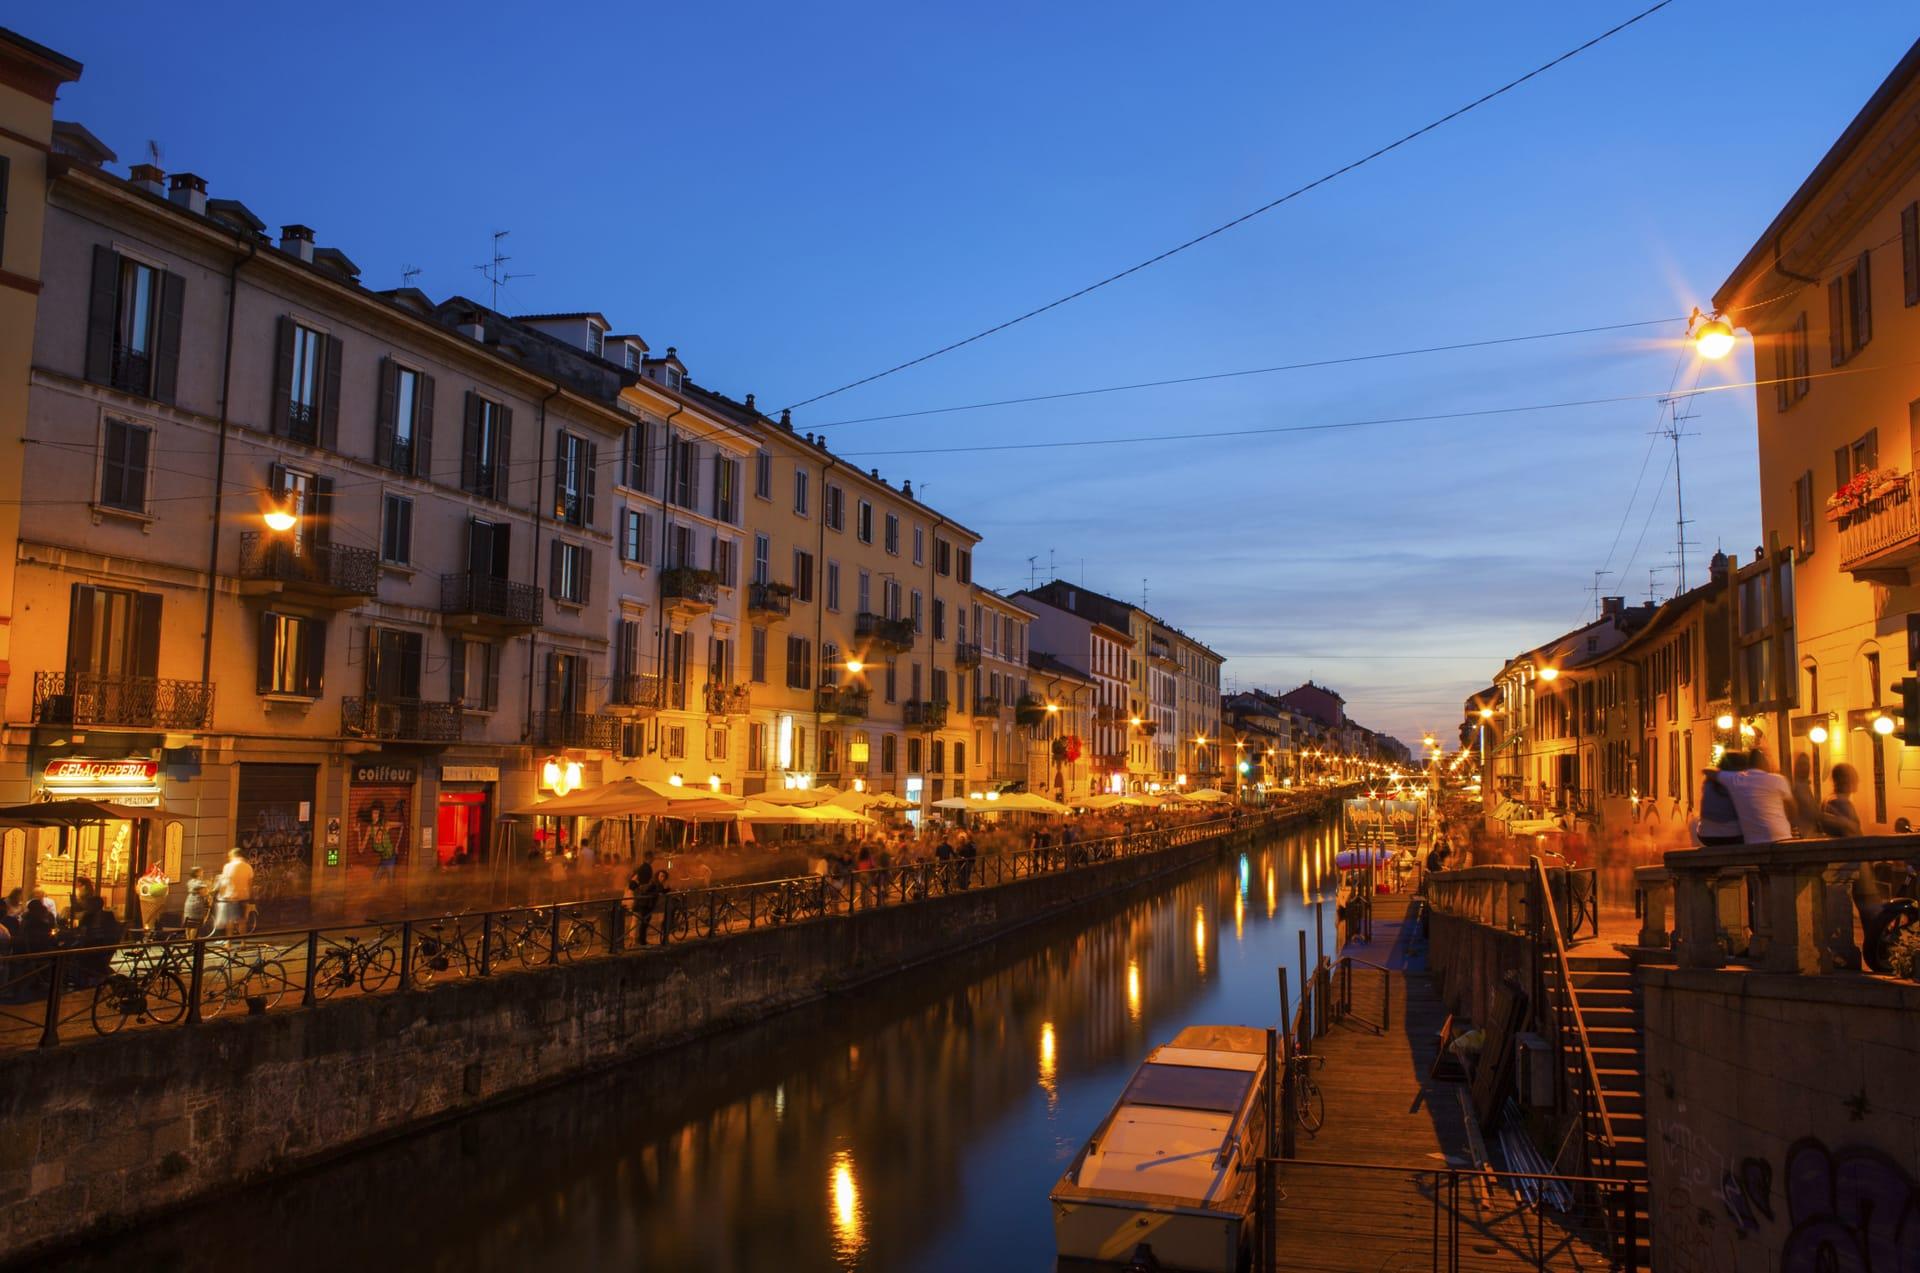 Perché vale la pena essere #Milanottimisti.Un appassionato racconto di Milano e di come può ripartire l'Italia